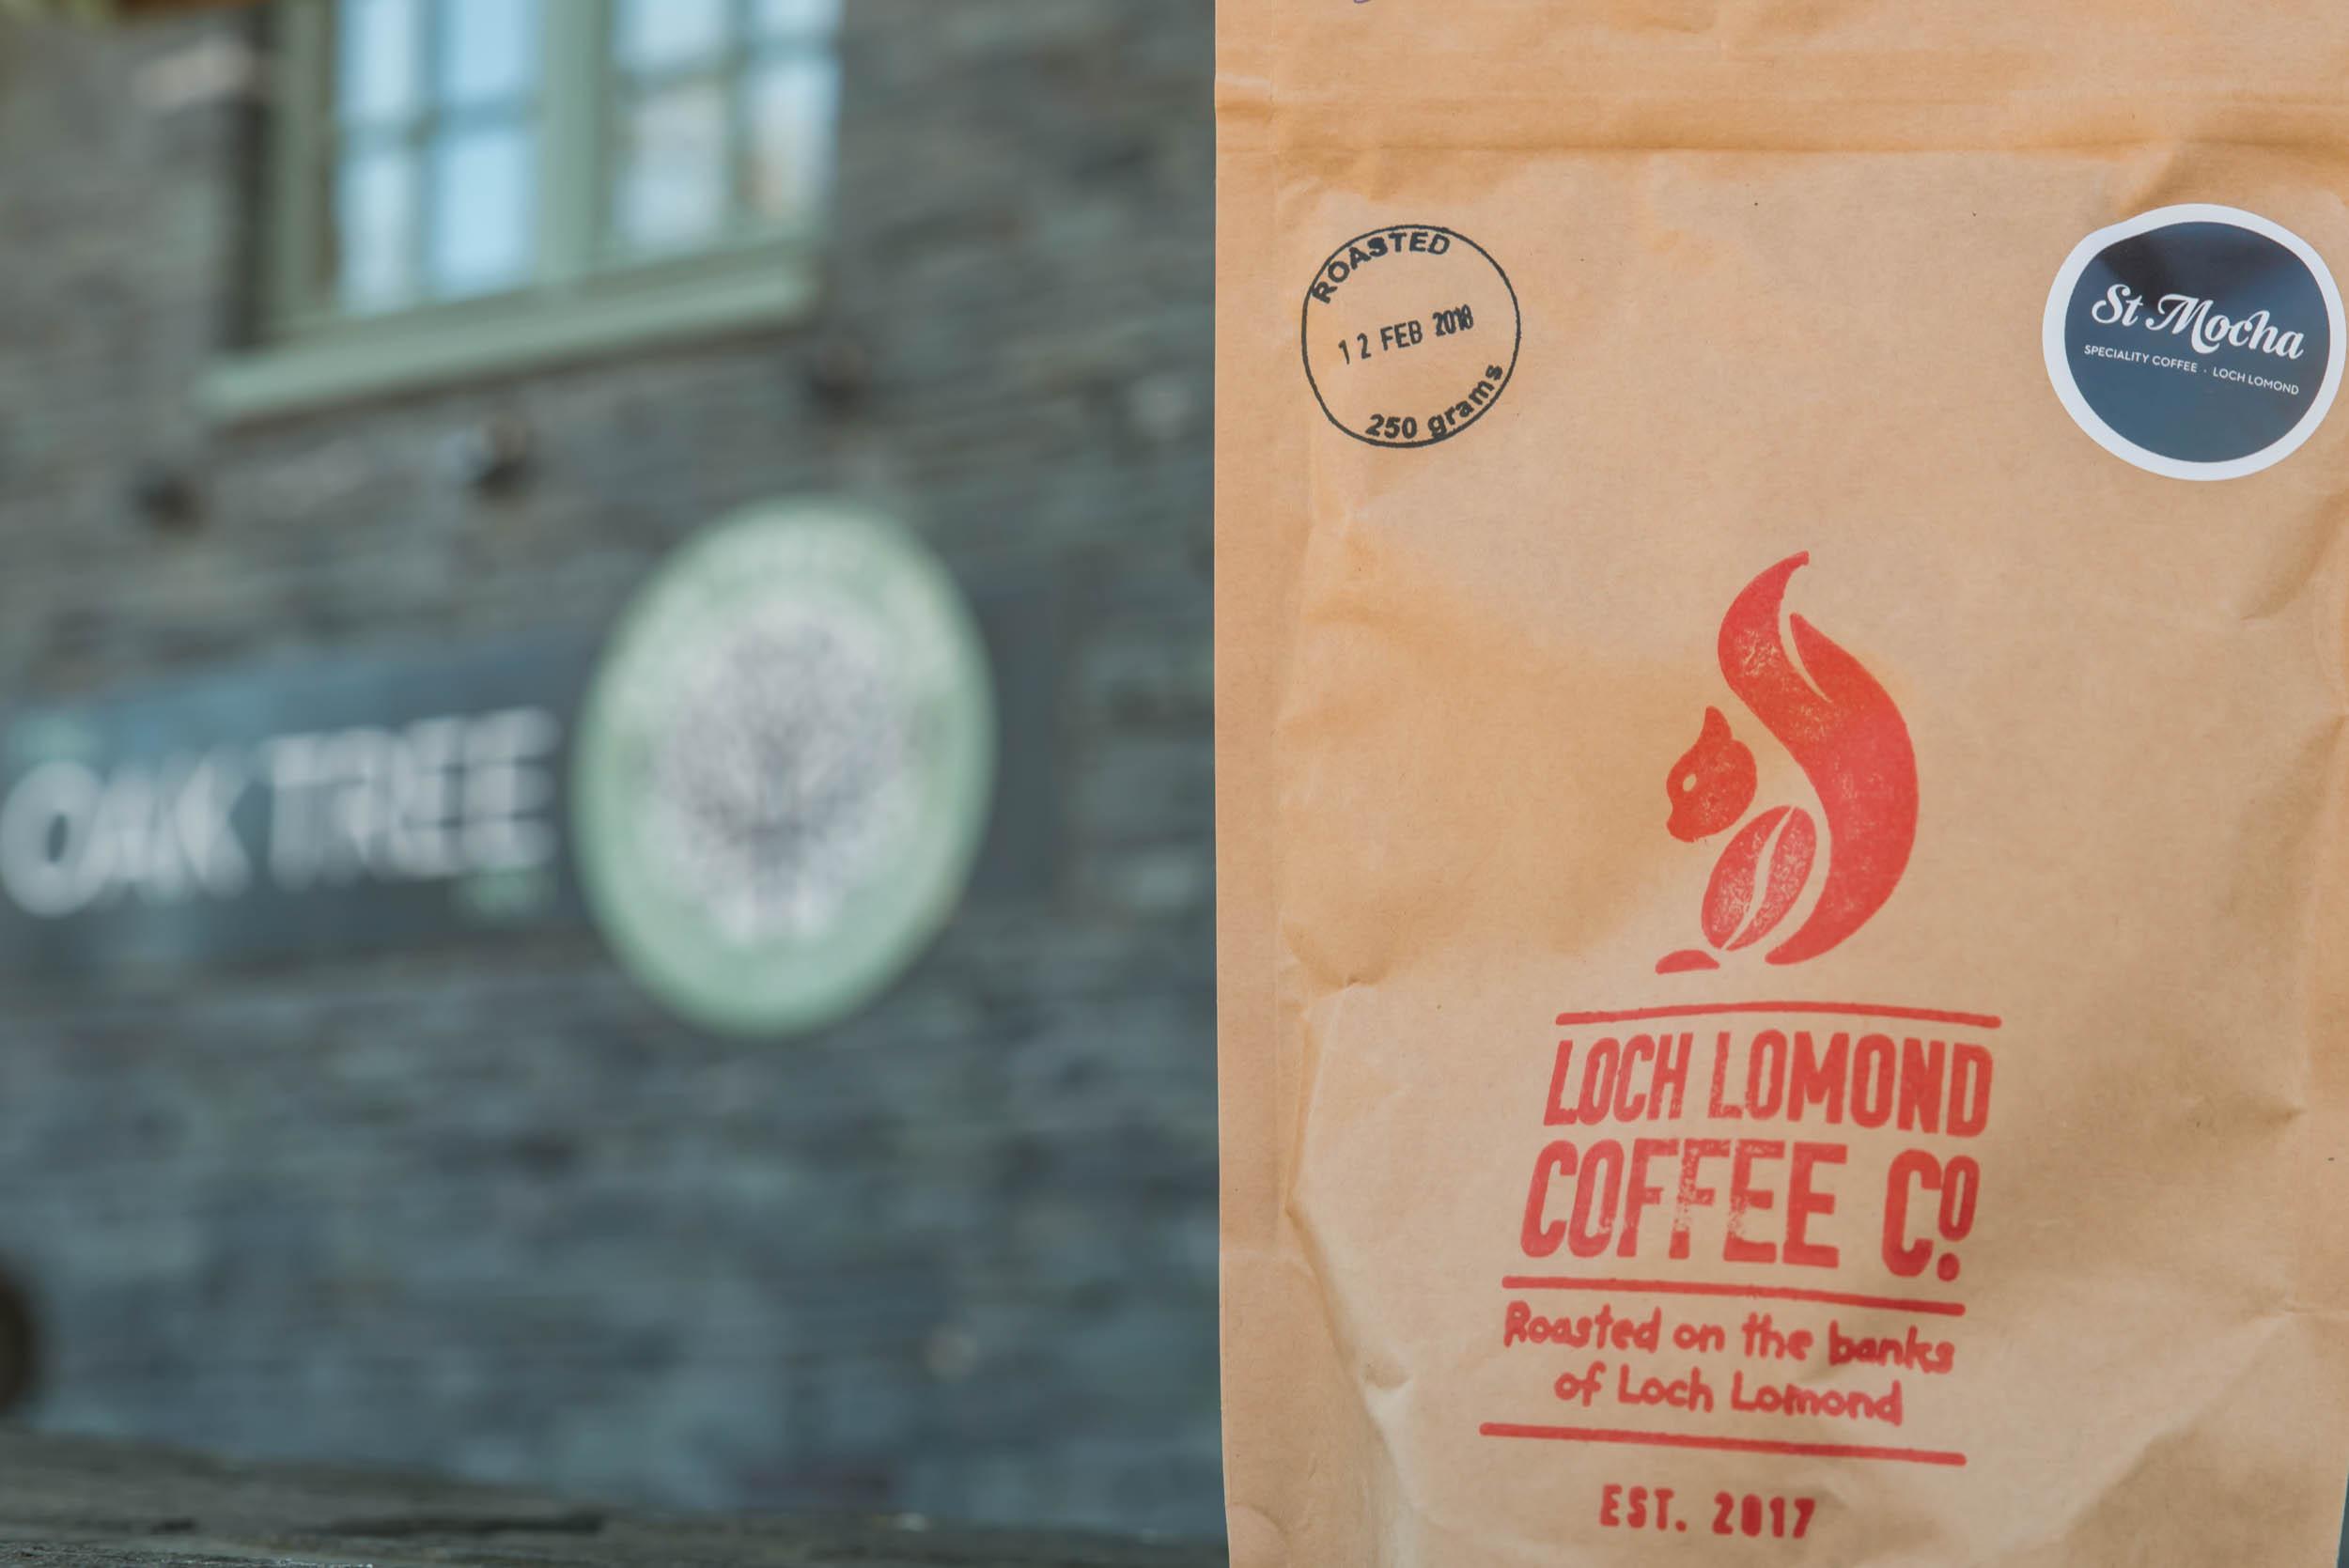 Loch Lomond Coffe Bags